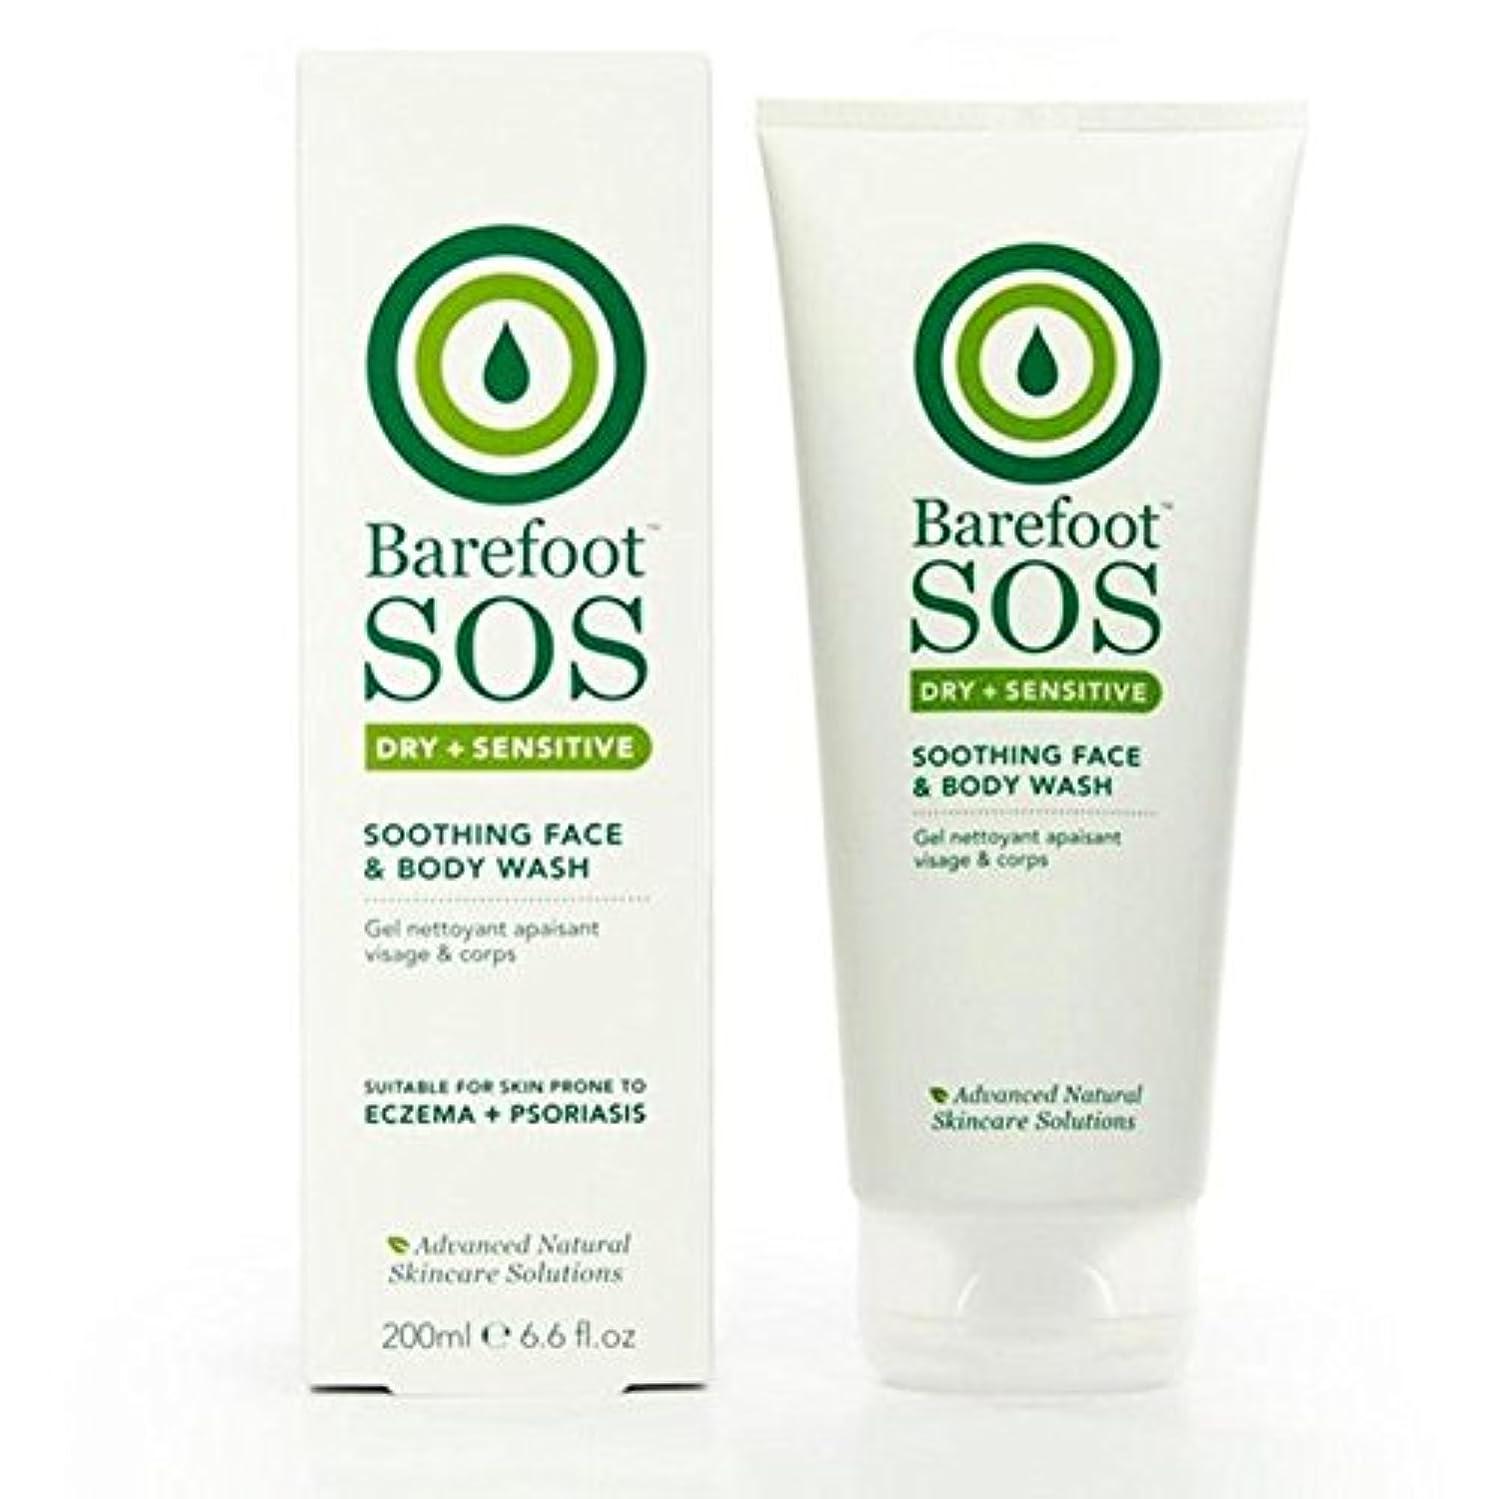 アトラスリル拍手フェイス&ボディウォッシュ200ミリリットルをなだめる裸足 x4 - Barefoot SOS Soothing Face & Body Wash 200ml (Pack of 4) [並行輸入品]